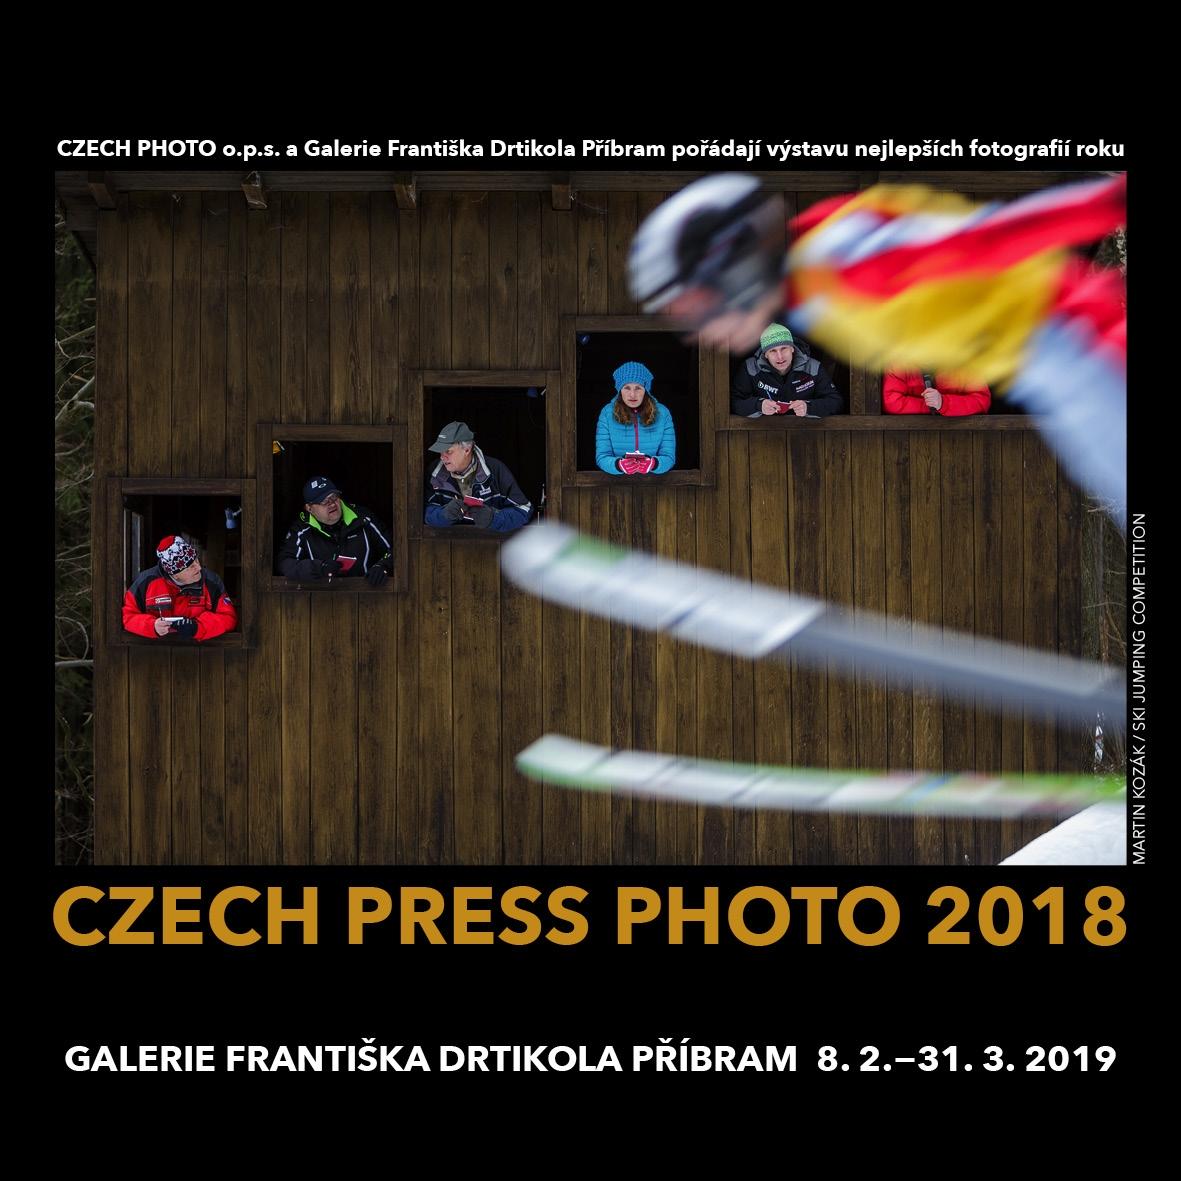 Vernisáž výstavy Czech Press Photo 2018